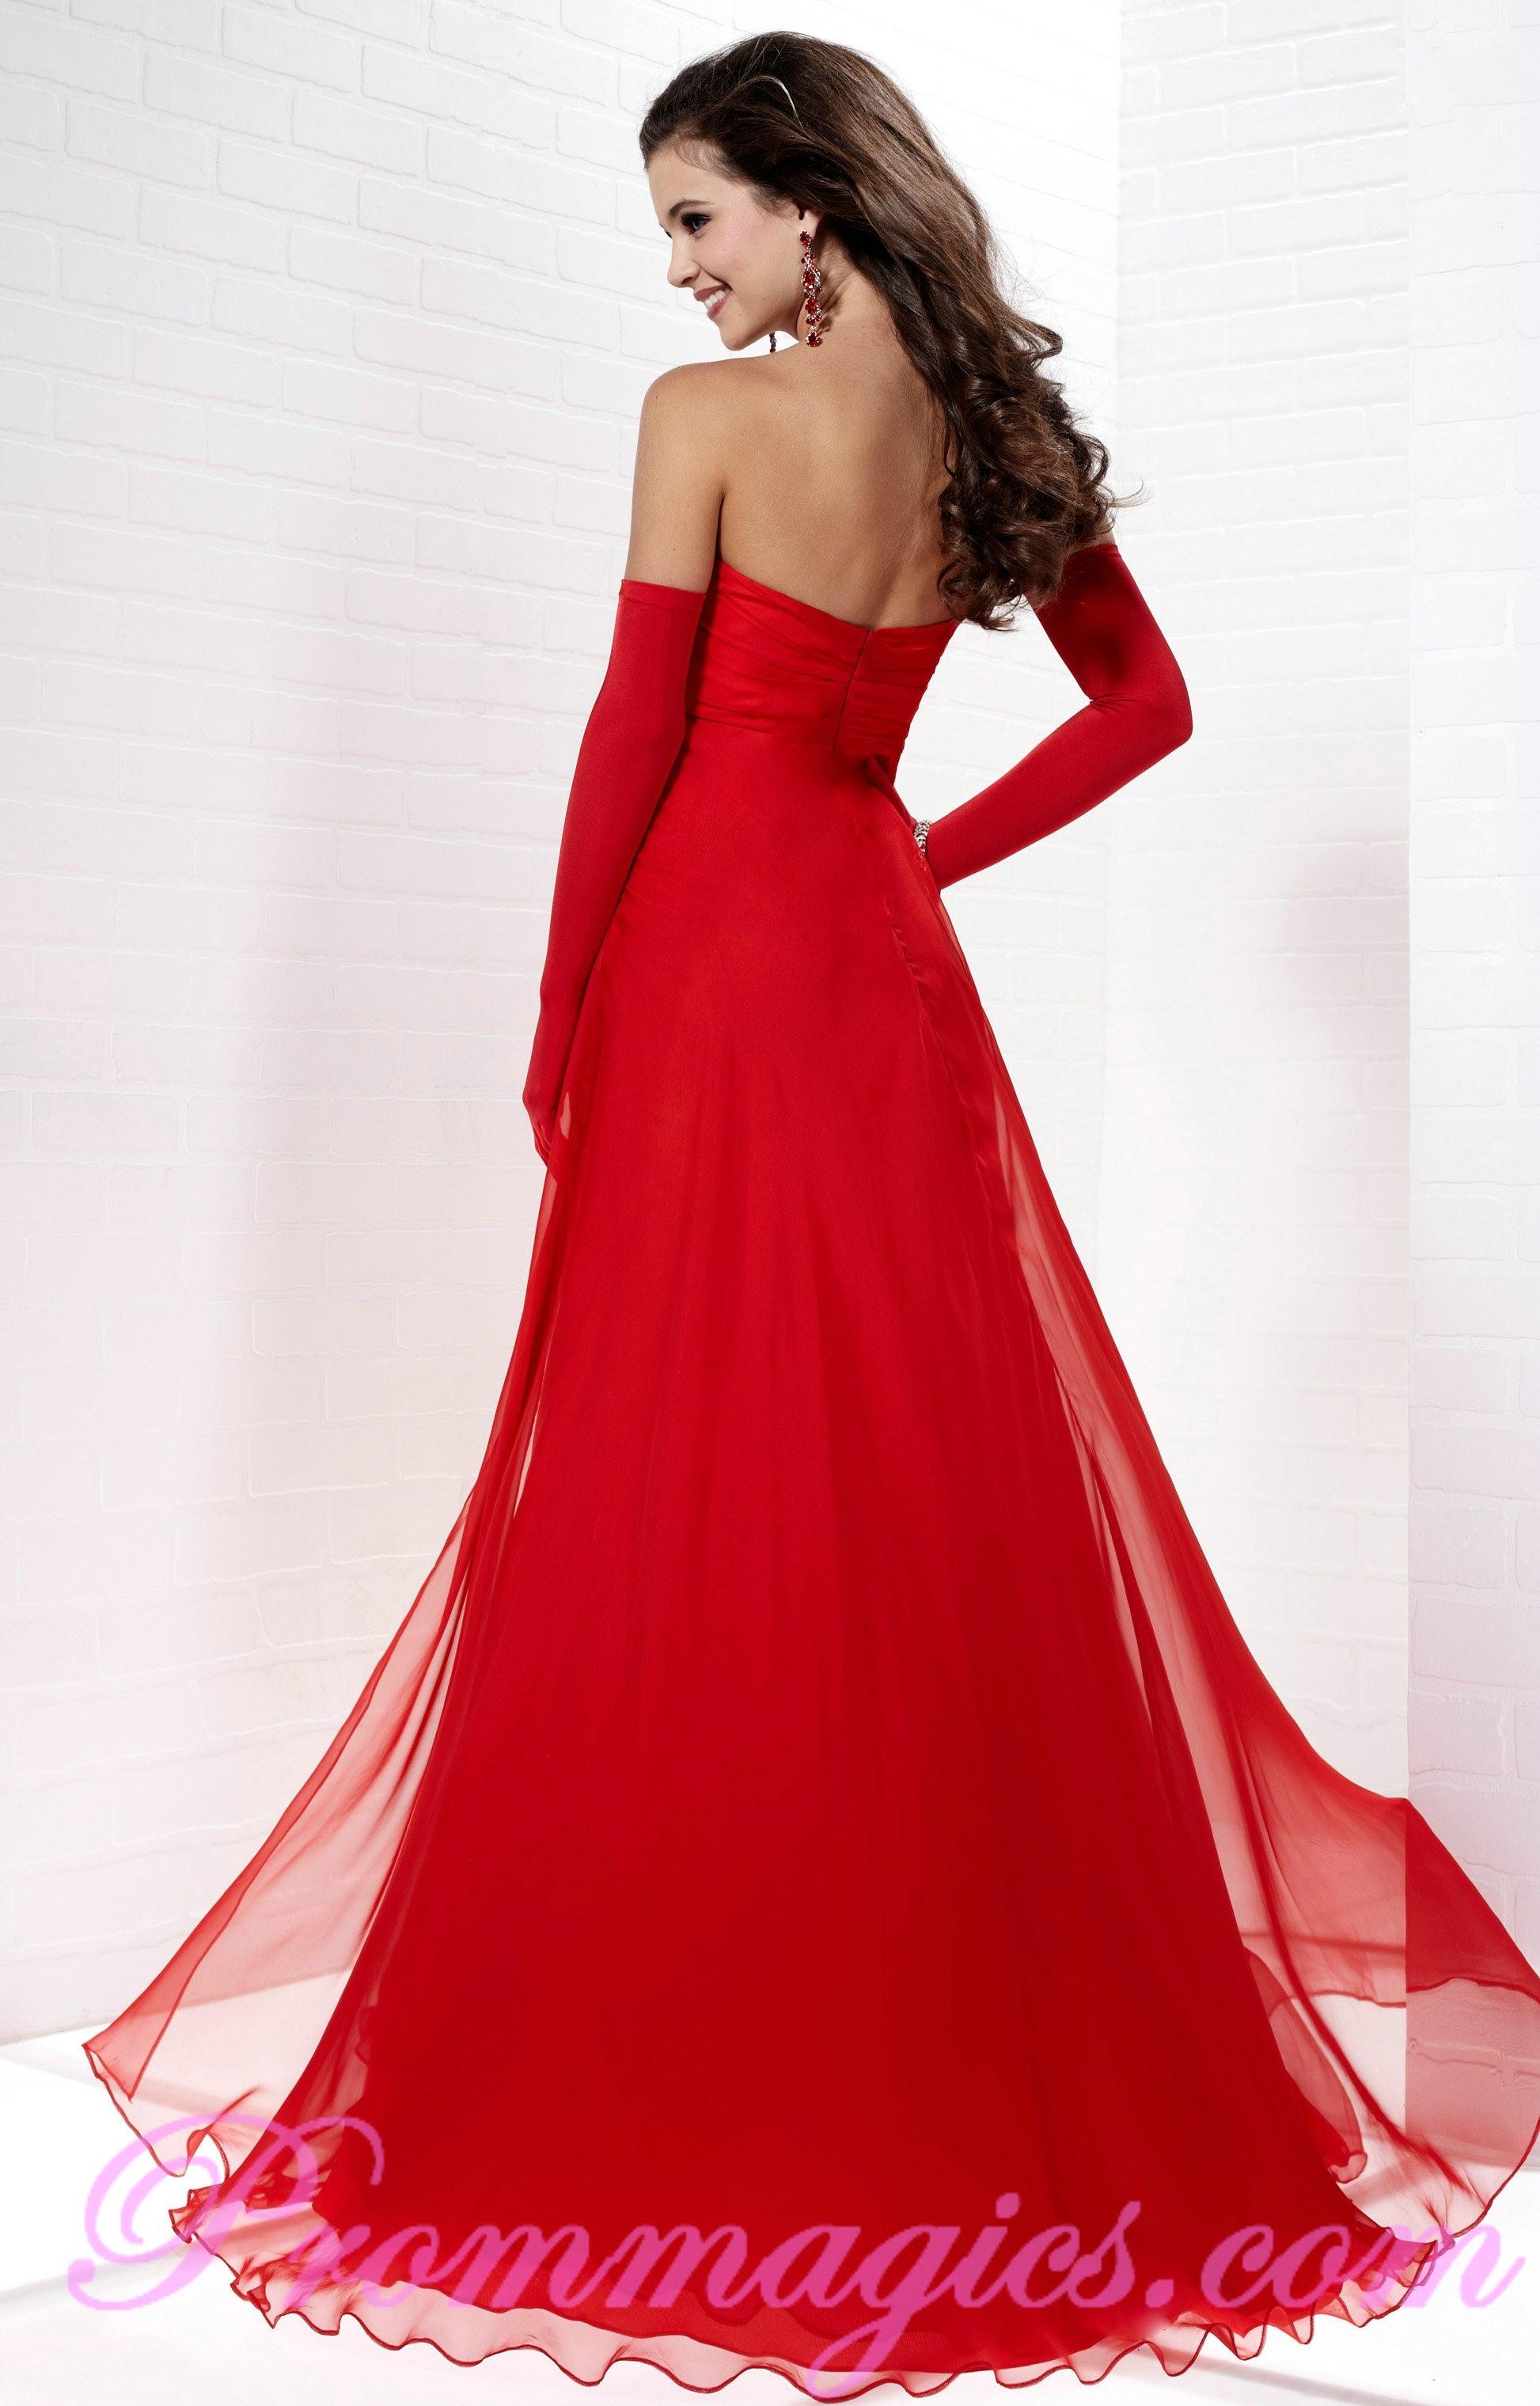 10 Einfach Abendkleid Lang Günstig Deutschland SpezialgebietDesigner Luxurius Abendkleid Lang Günstig Deutschland Stylish